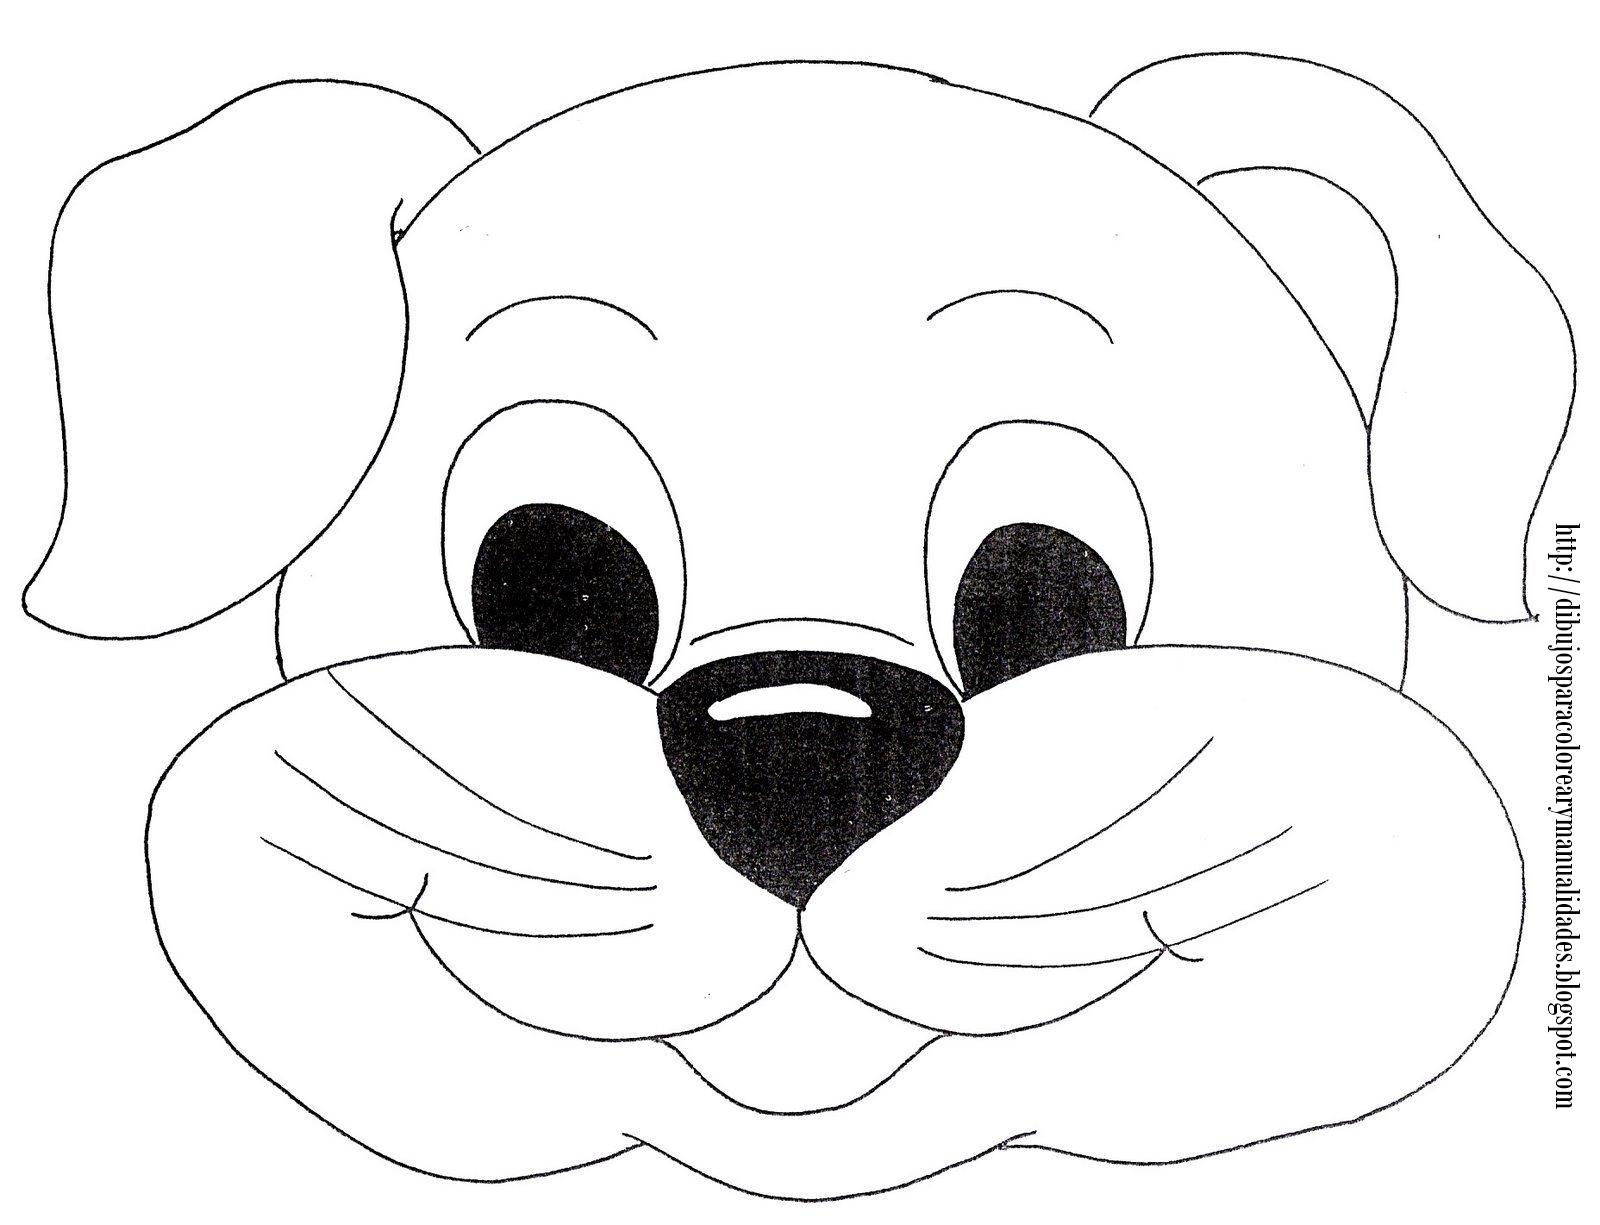 Dibujos De Caras De Perros Para Colorear Imagui